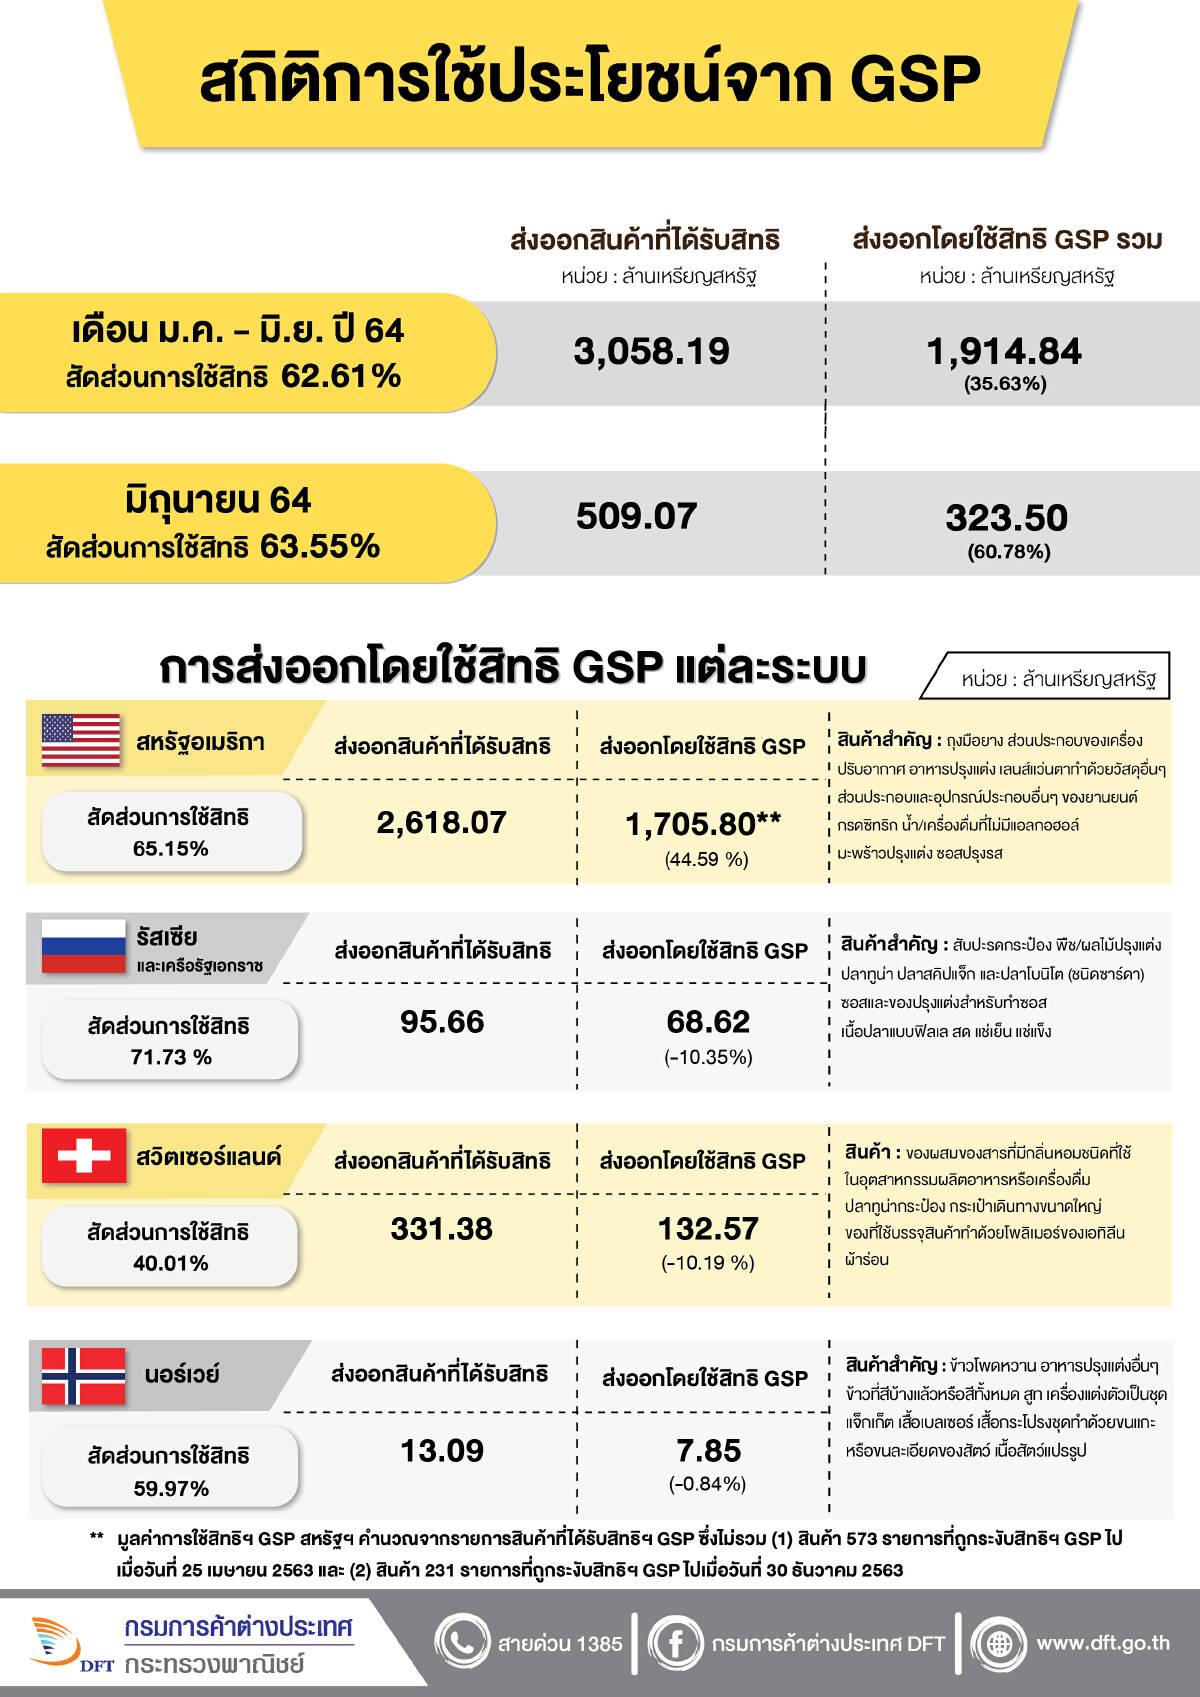 """""""พาณิชย์""""เผยไทยใช้ FTA-GSP ส่งออกครึ่งปี  เพิ่ม34%"""